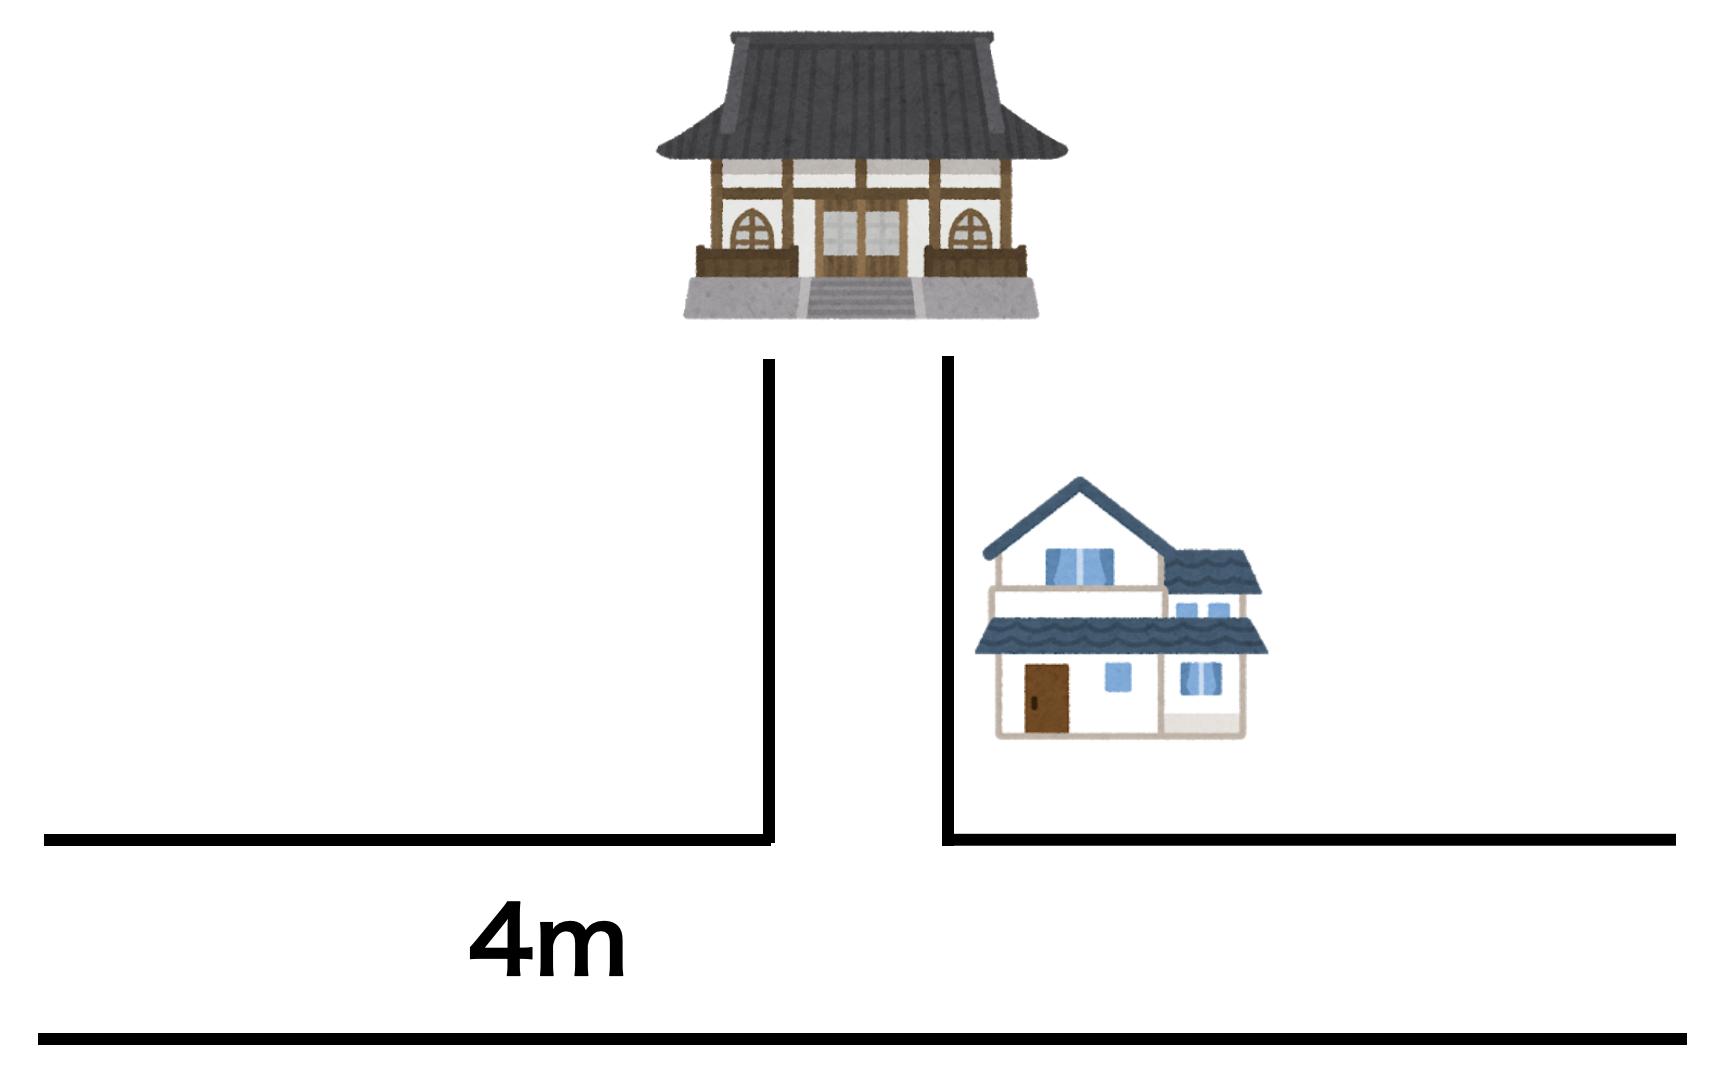 道路に通じる通路に接している家